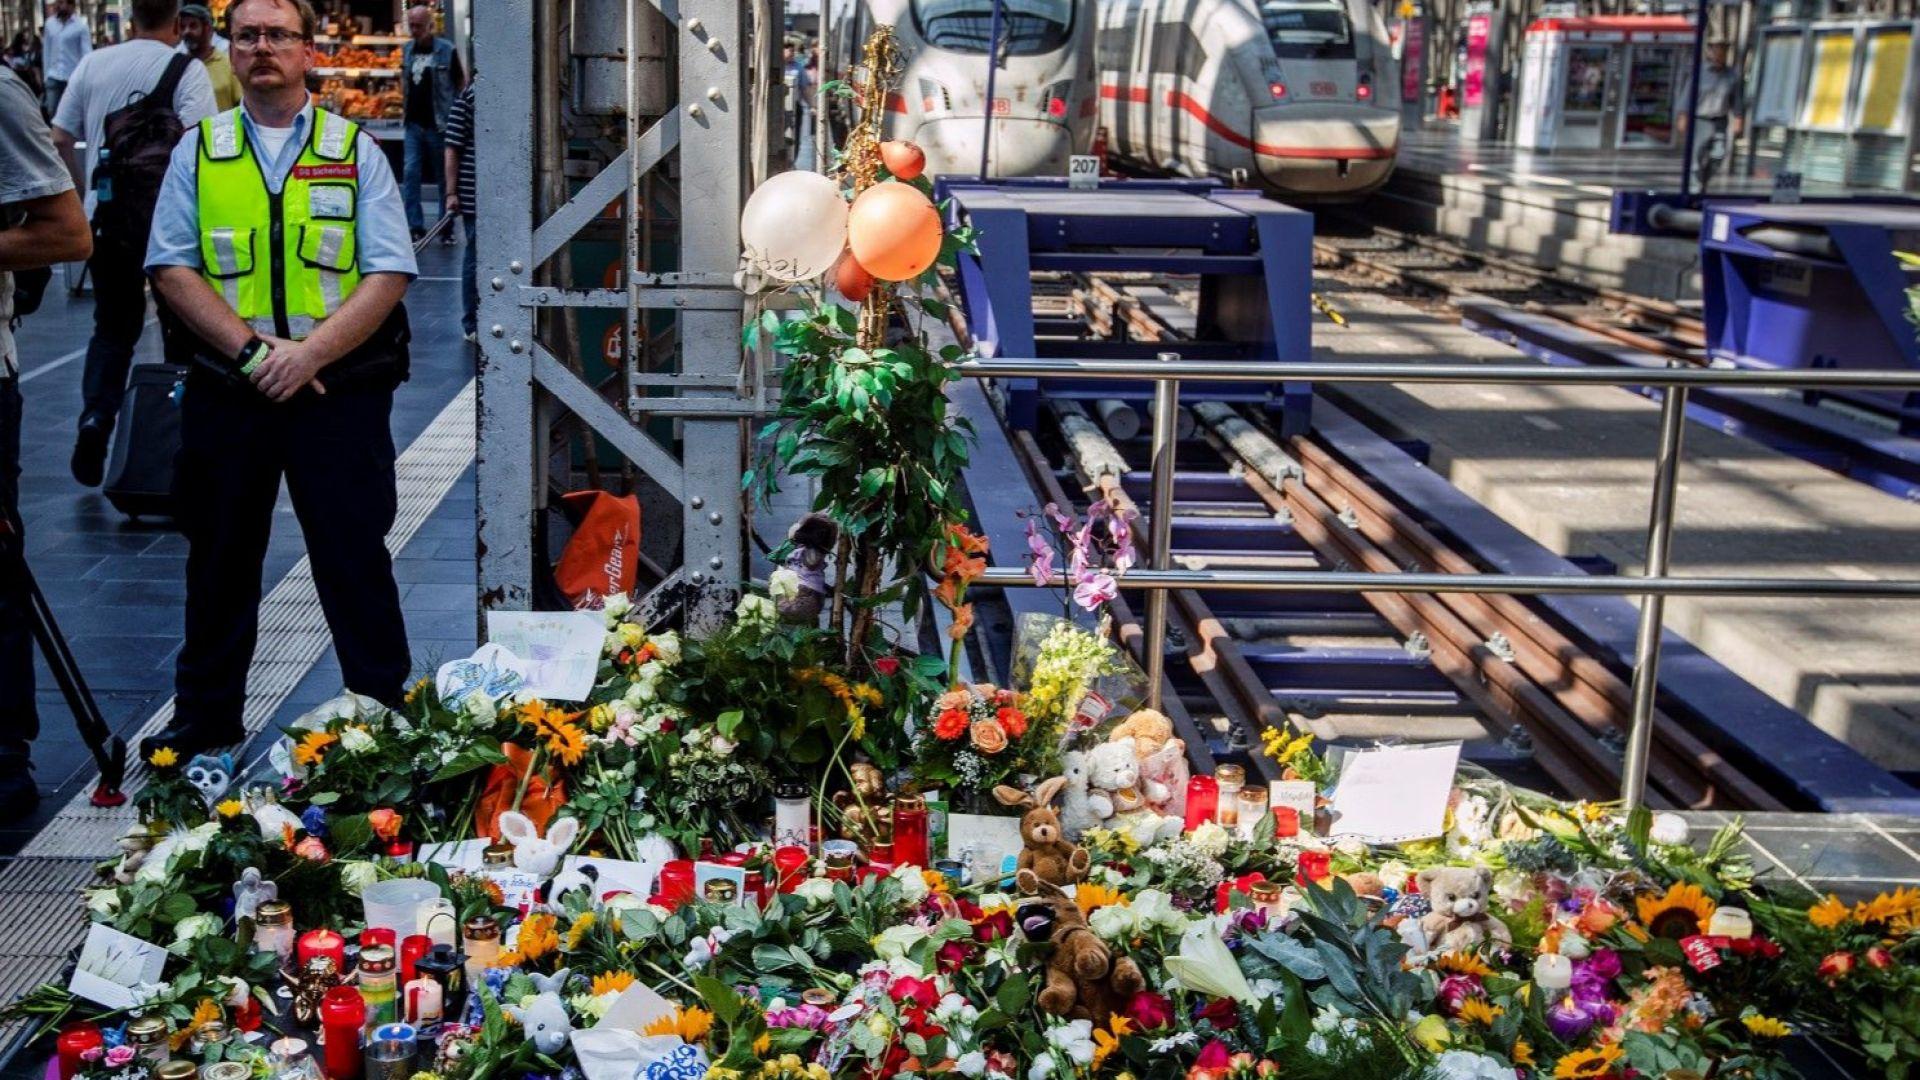 Заподозреният за убийството на дете на гара във Франкфурт е бил издирван от швейцарската полиция